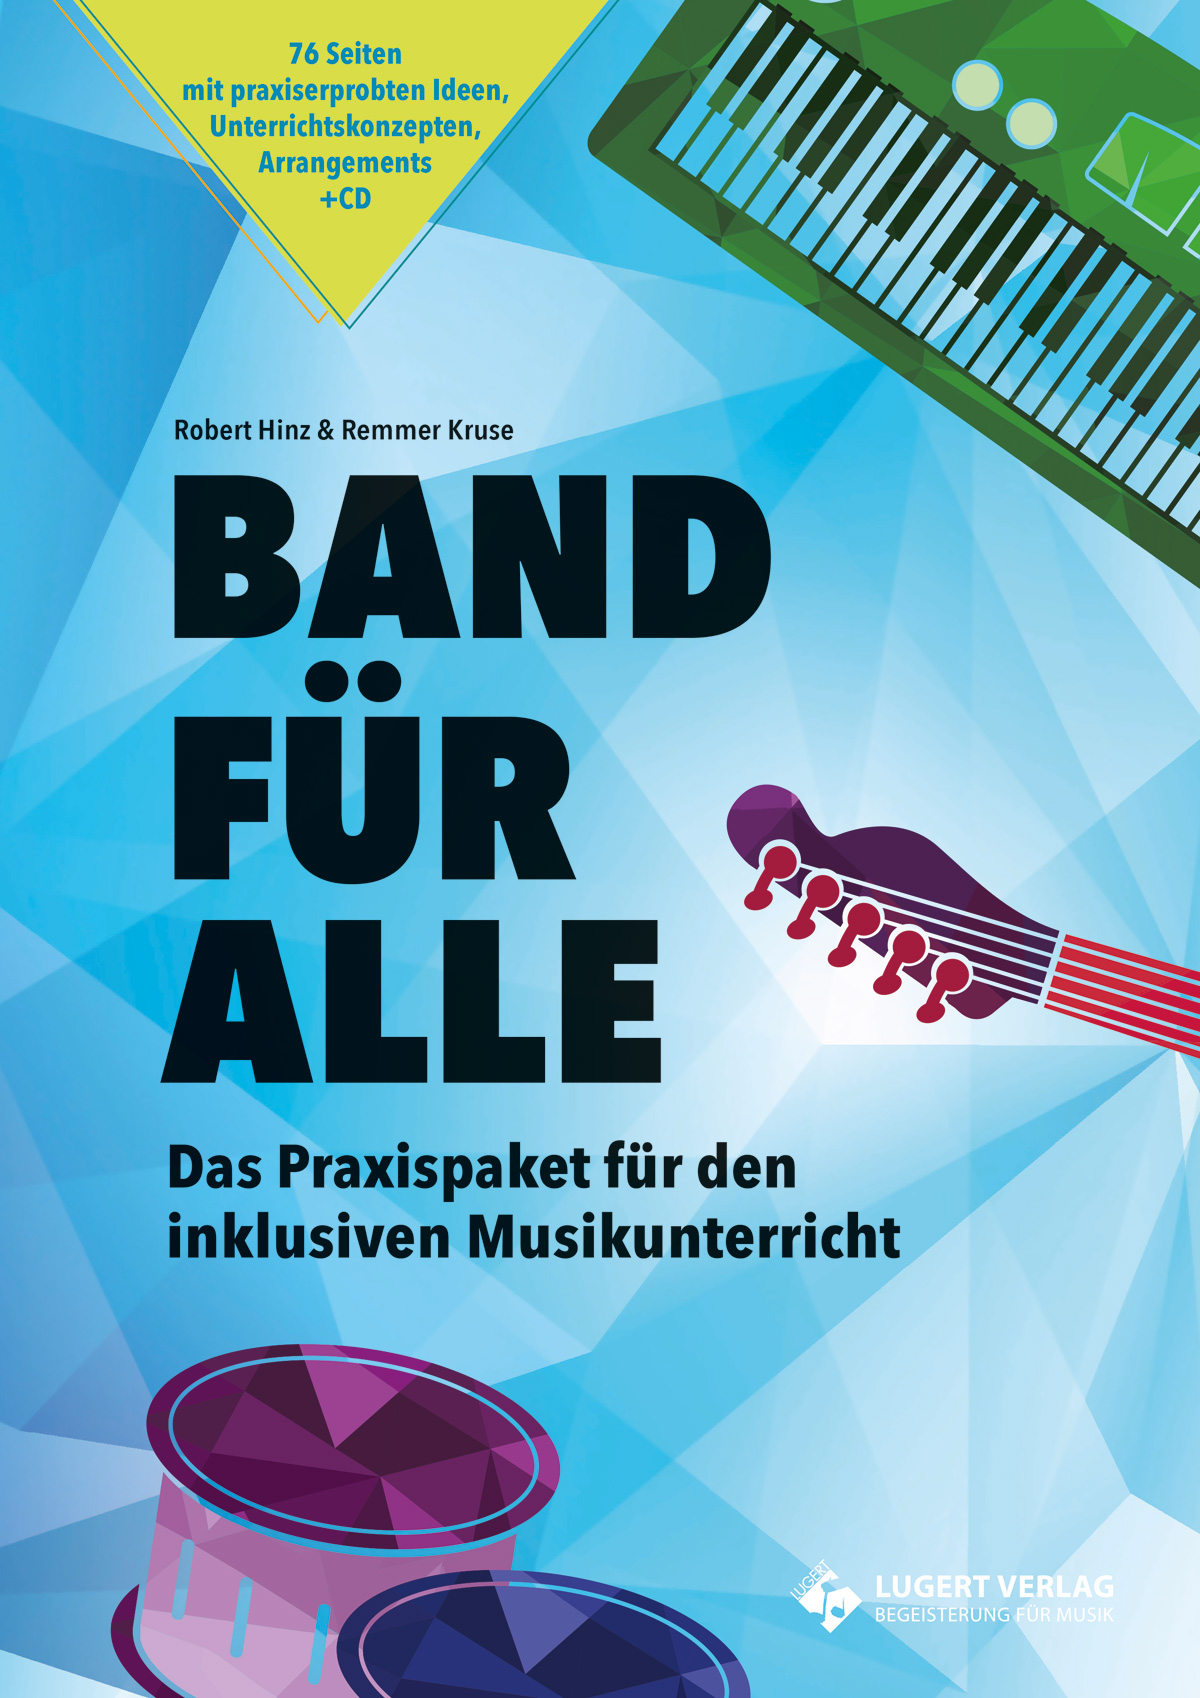 Band für alle - Das Praxispaket für den inklusiven Musikunterricht